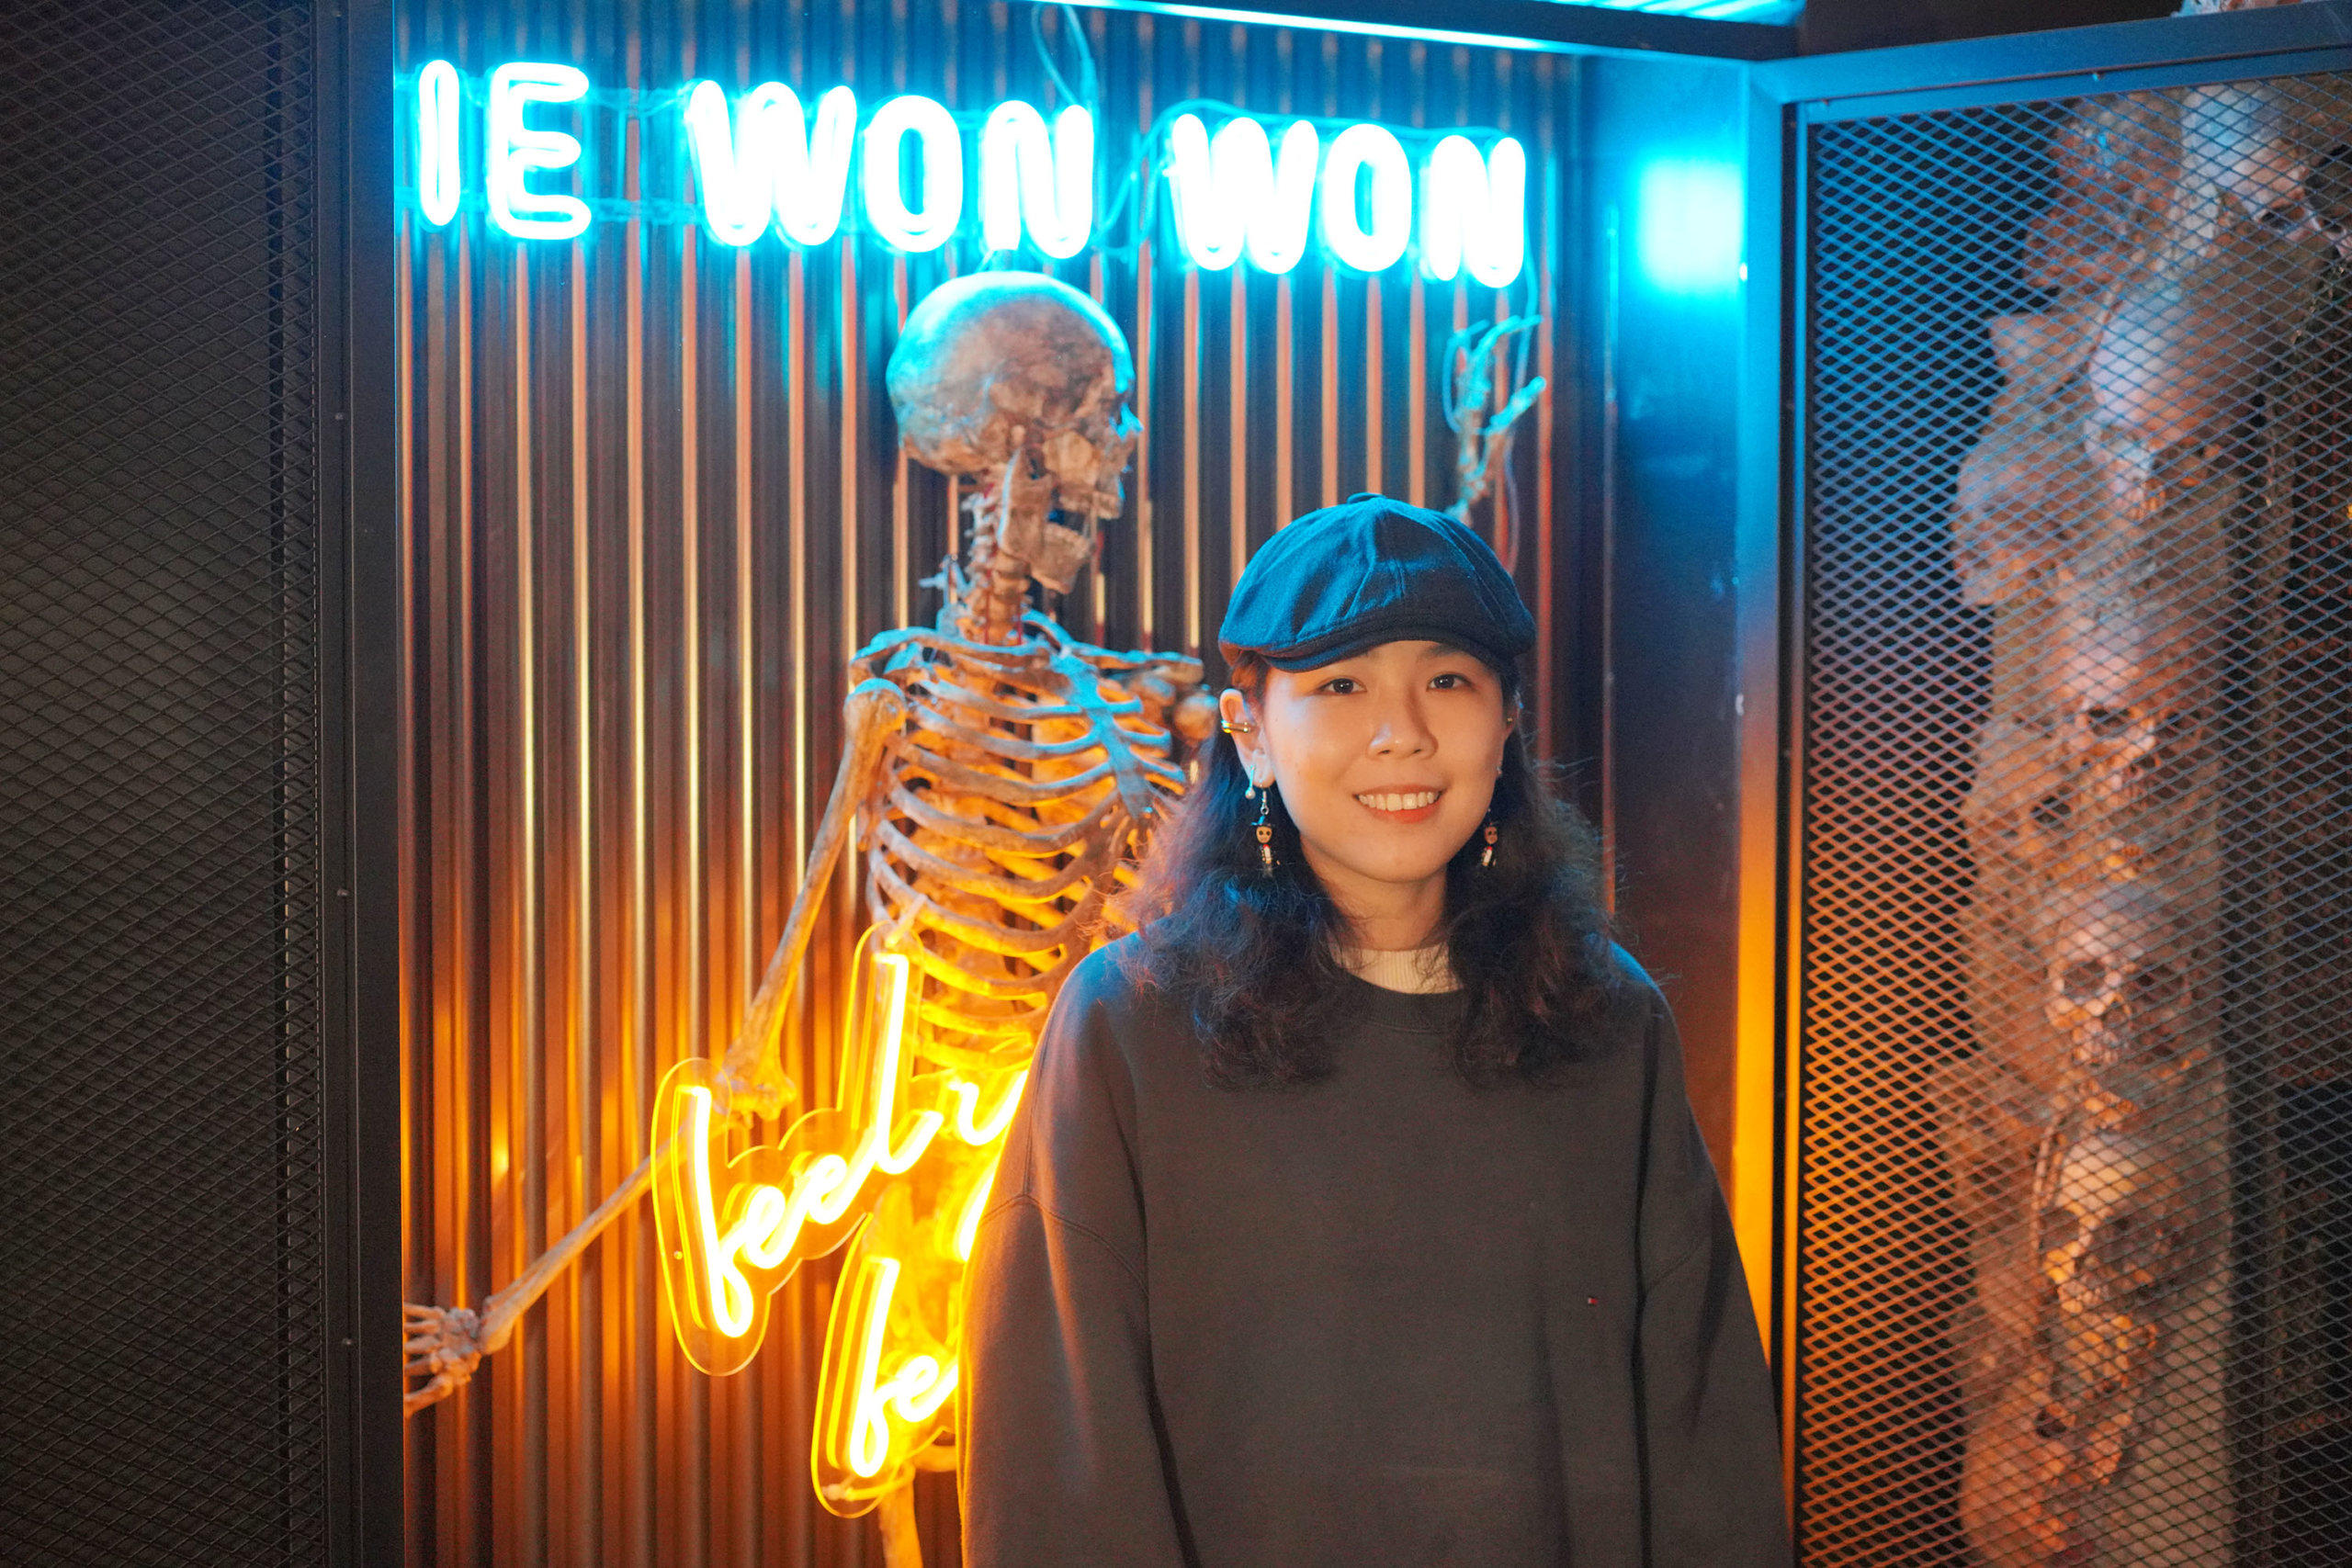 Vie Won Won老闆娘Matiny自細鍾意鬼怪元素,嫌香港太乏味,沒有鬼屋玩!